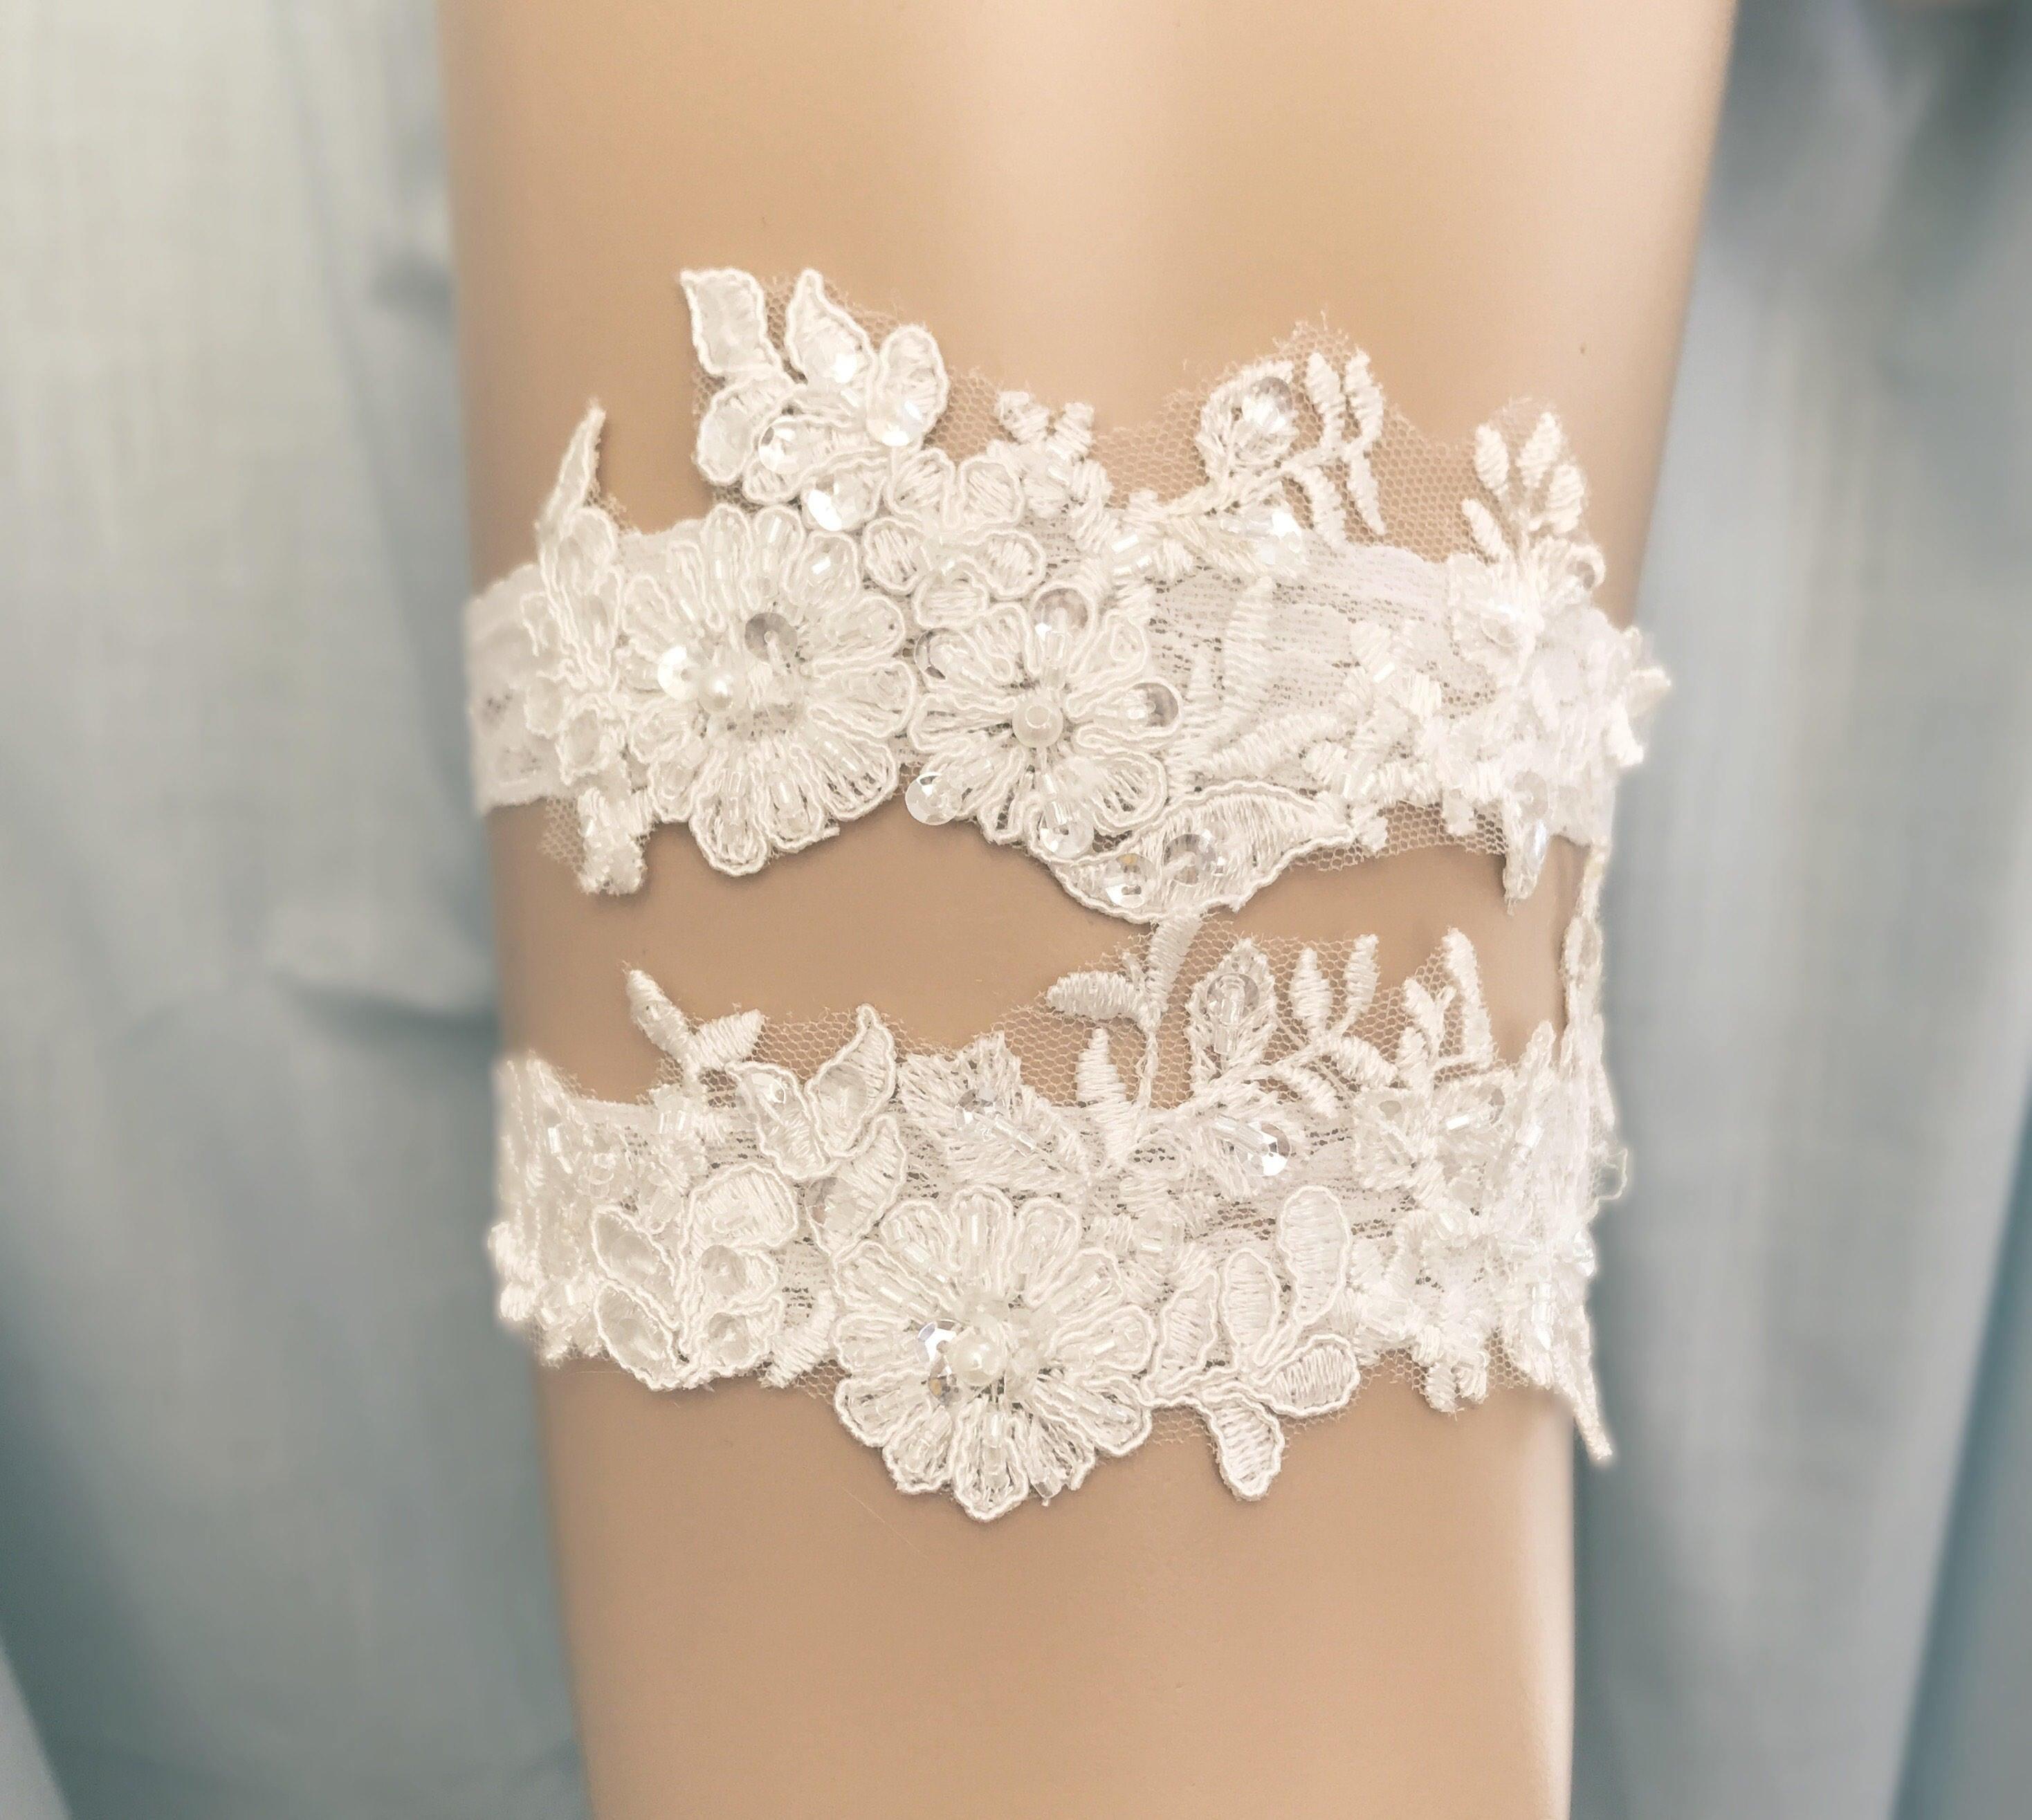 Vintage Lace Wedding Garter Set